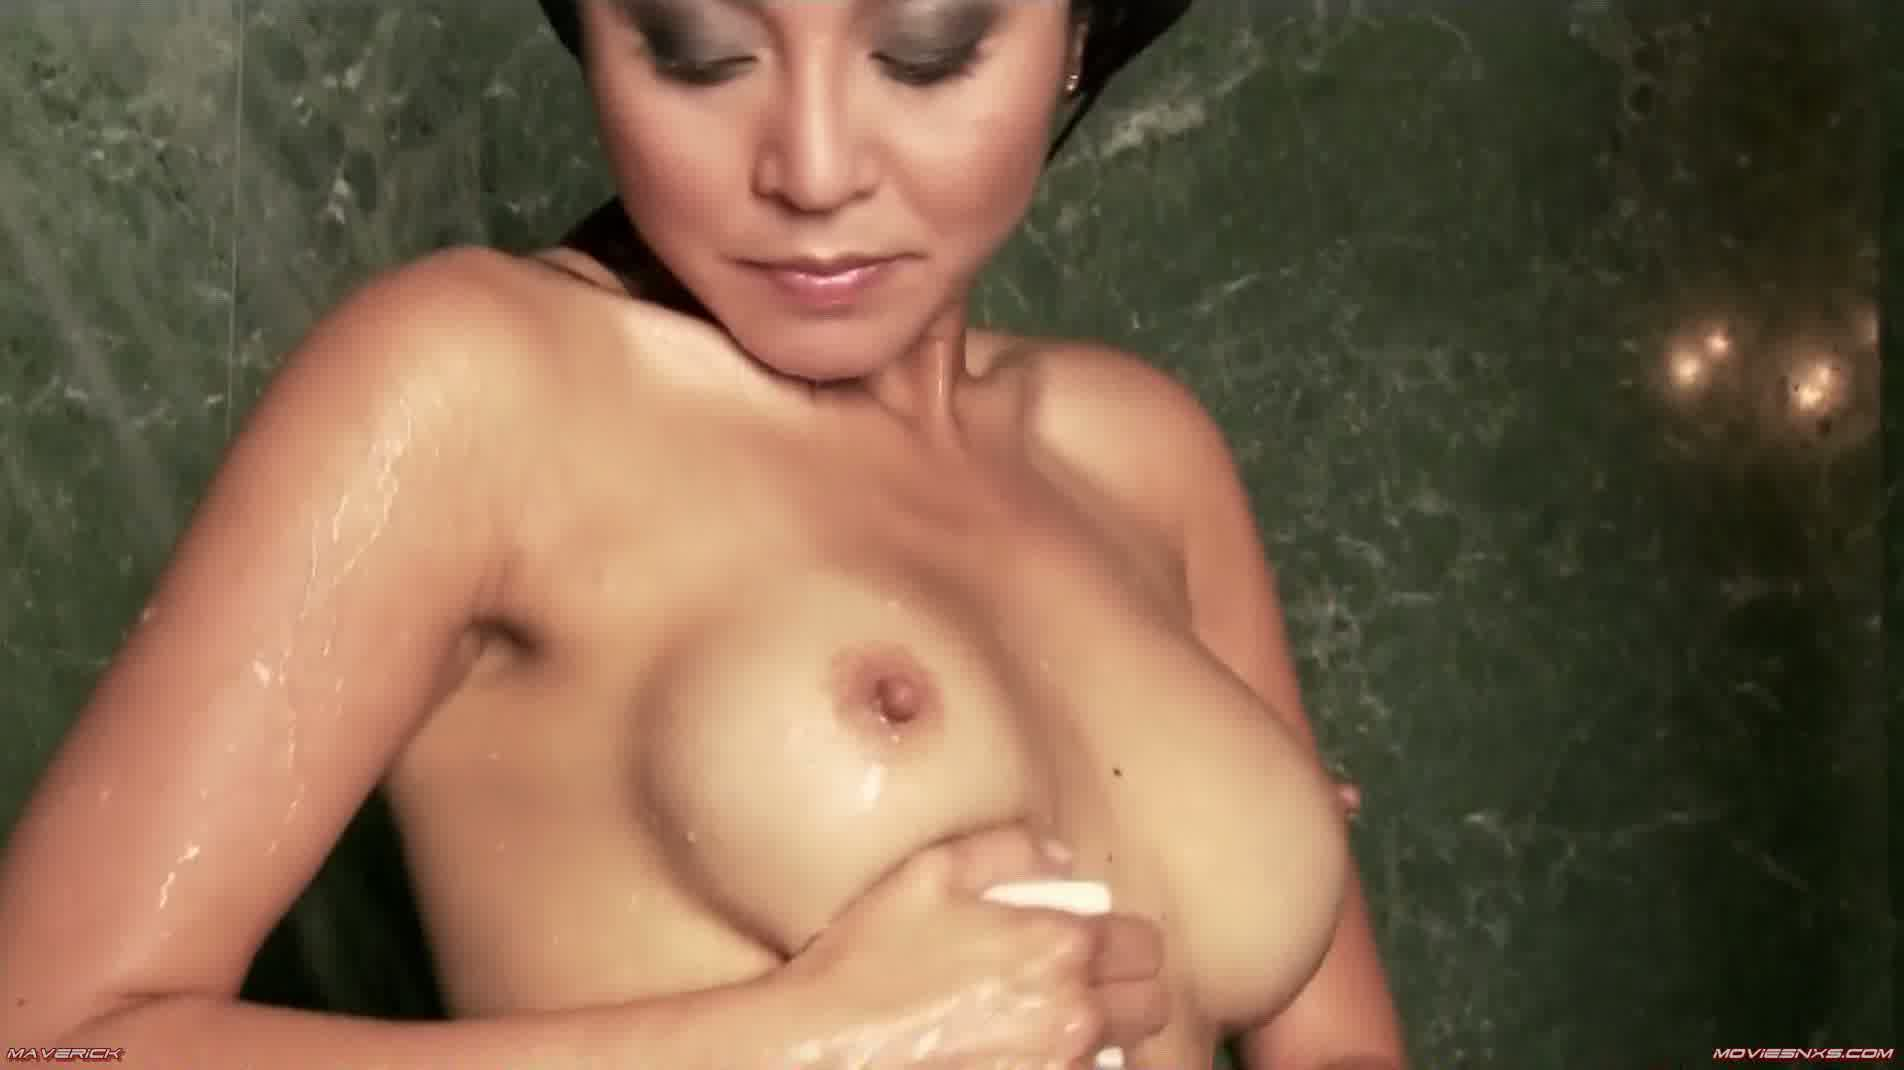 nguyen nude Christine